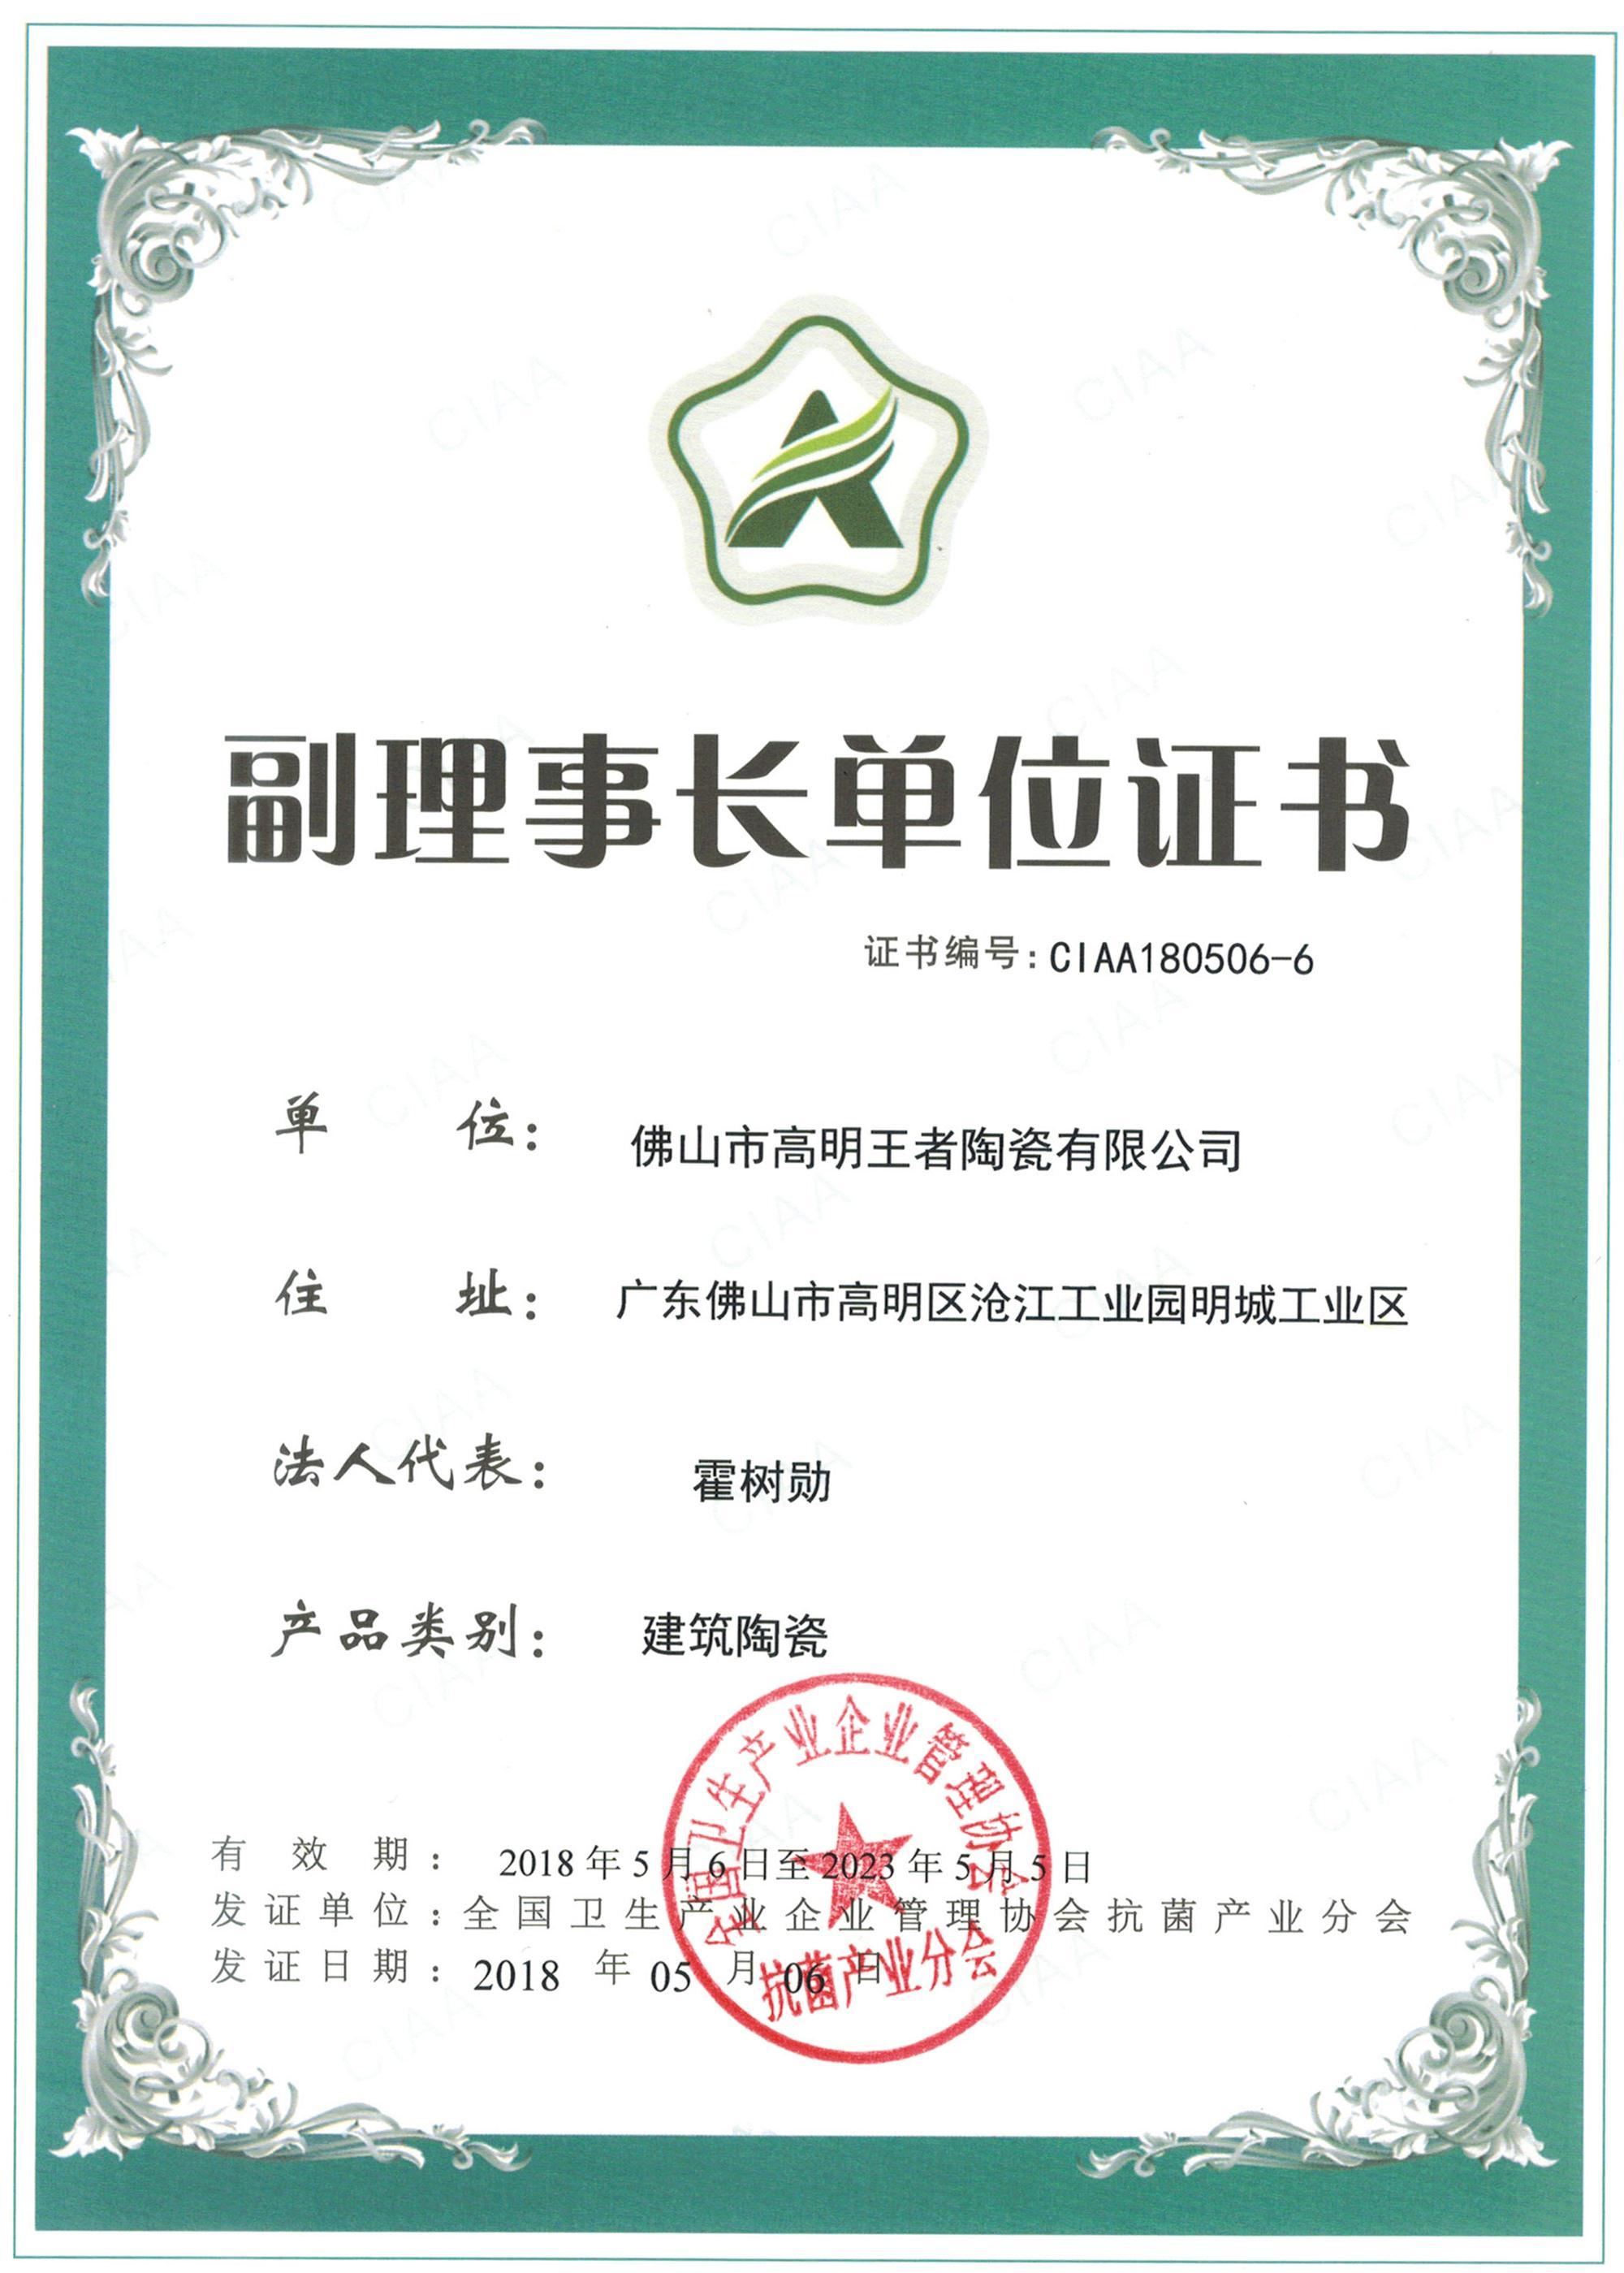 全国卫生产业企业管理协会抗菌产业分会副理事长单位证书